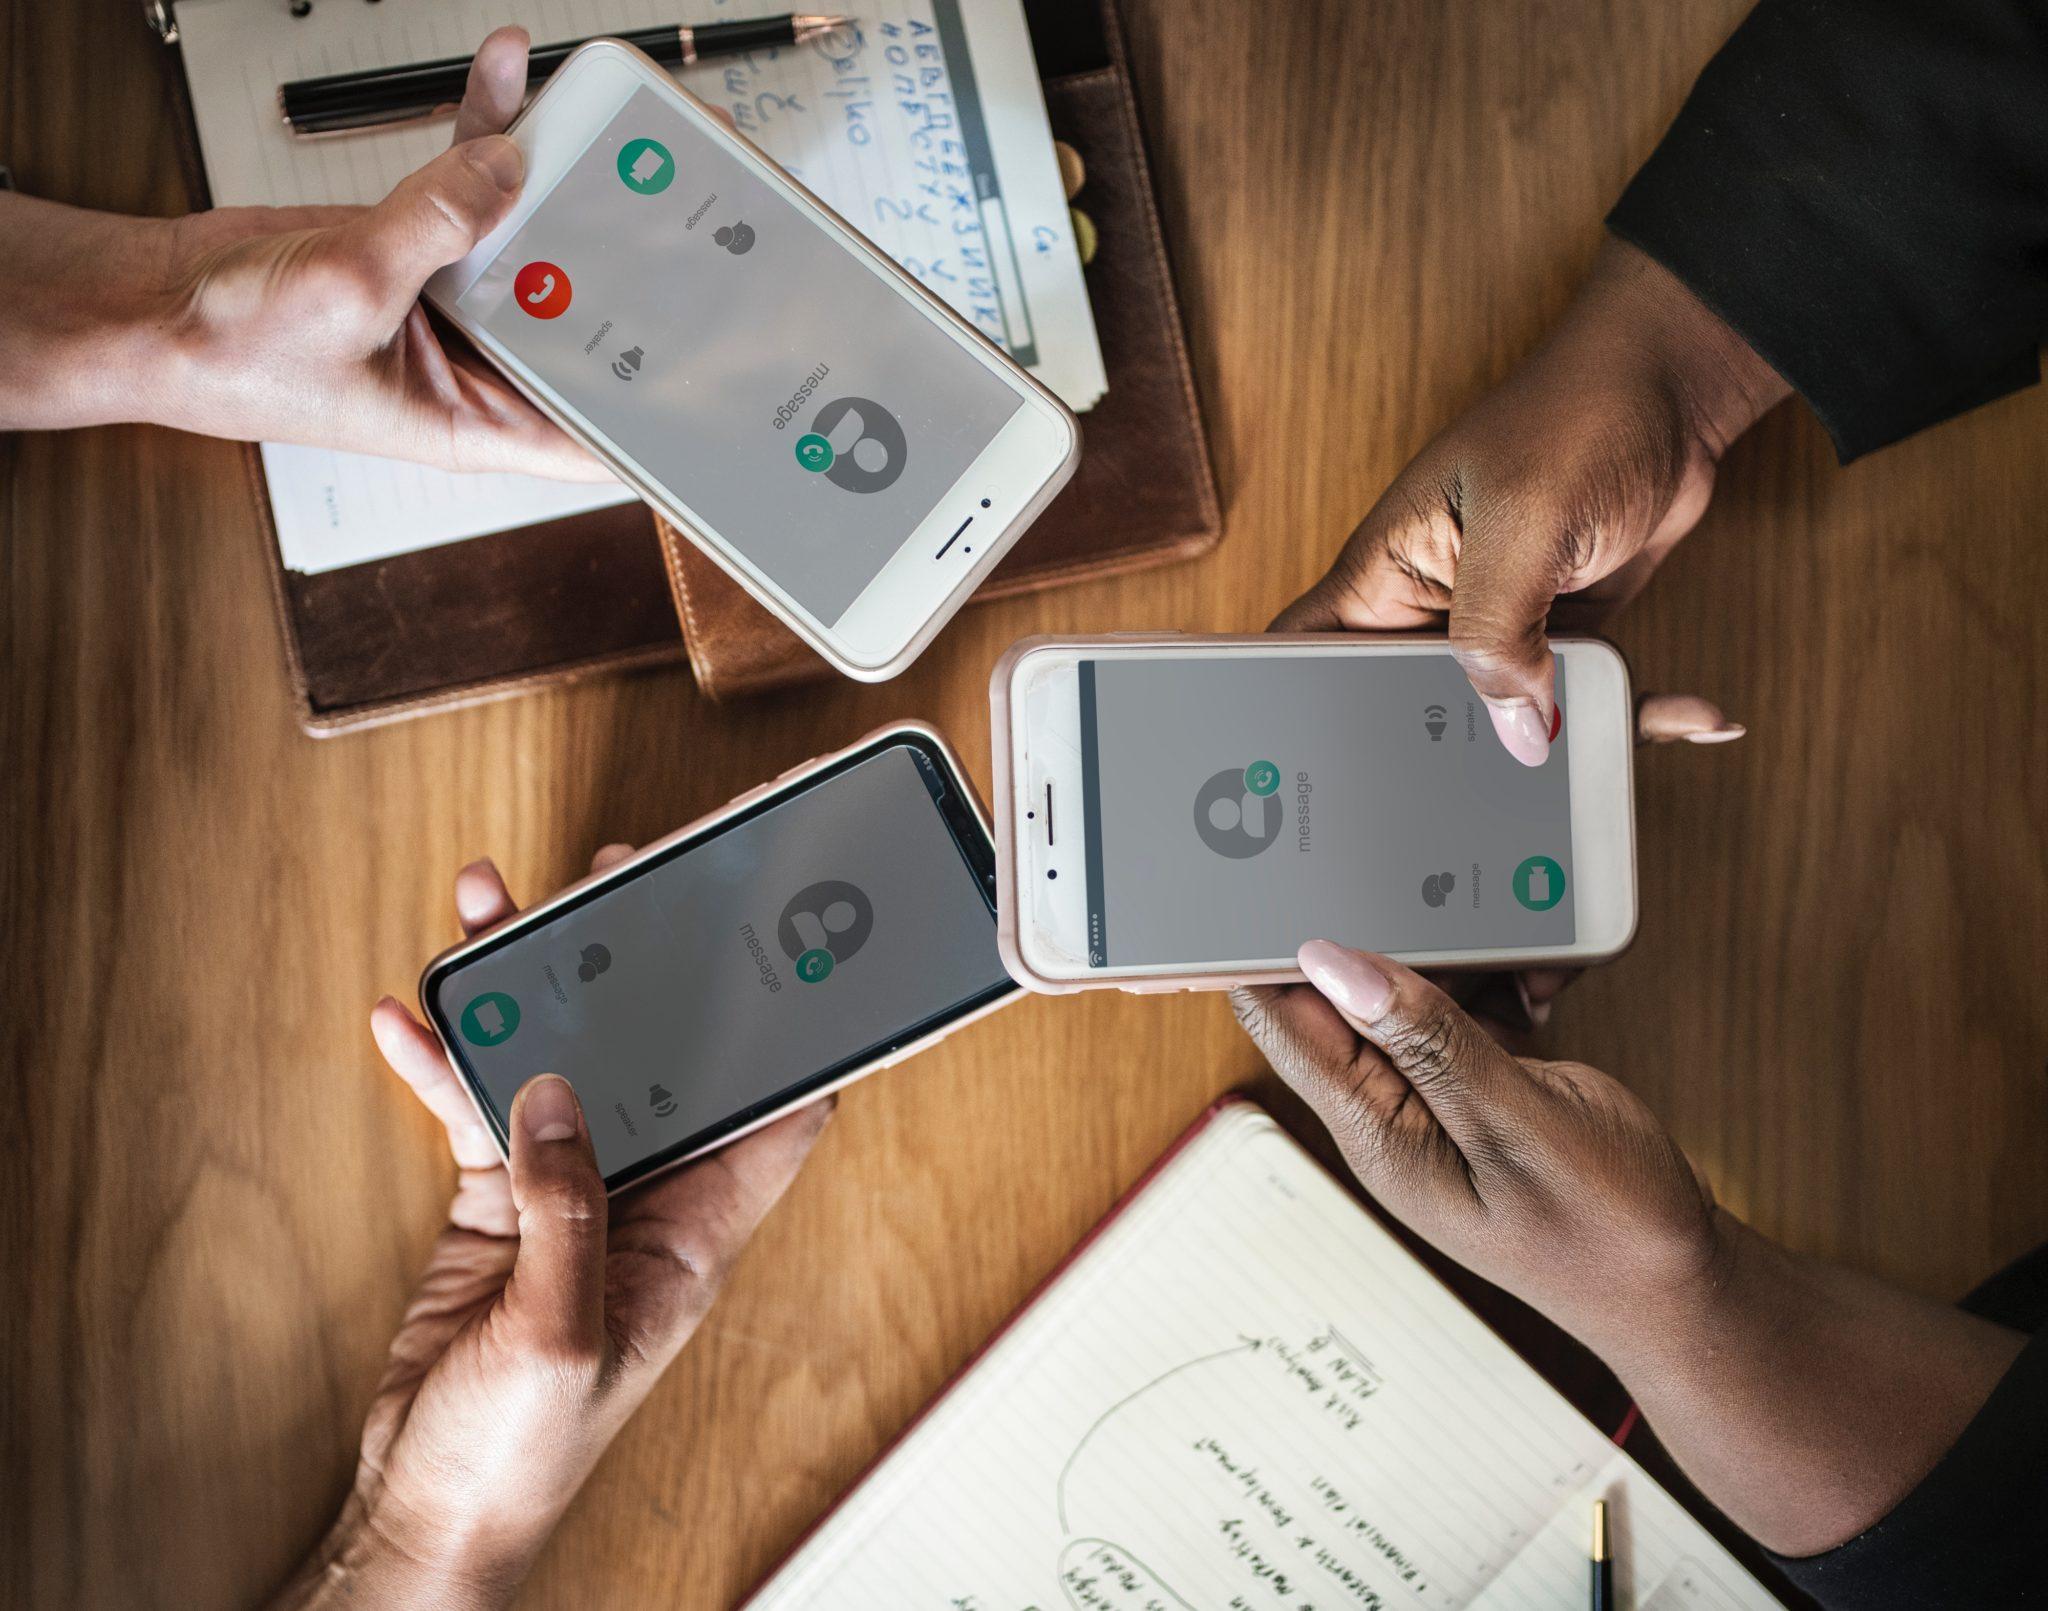 clientes reunidos pelo celular, trocando contato